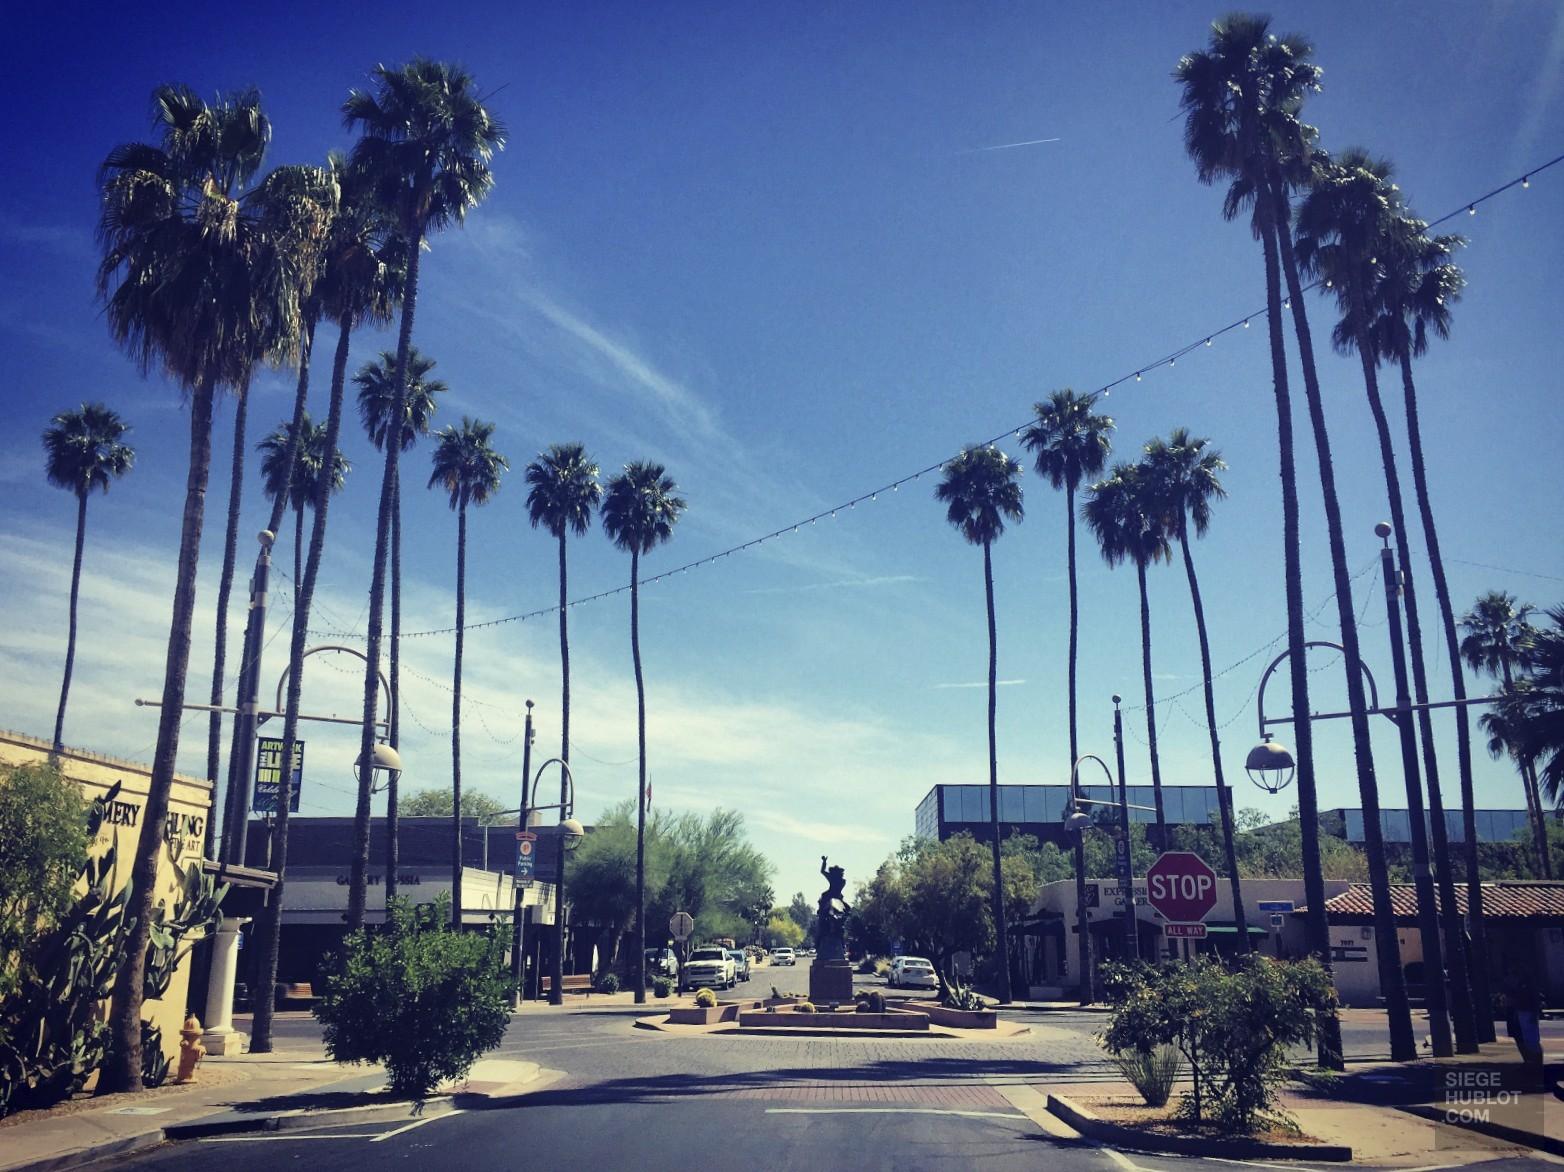 5 cafés à Scottsdale, Arizona - etats-unis, cafes-restos, cafes, arizona, amerique-du-nord